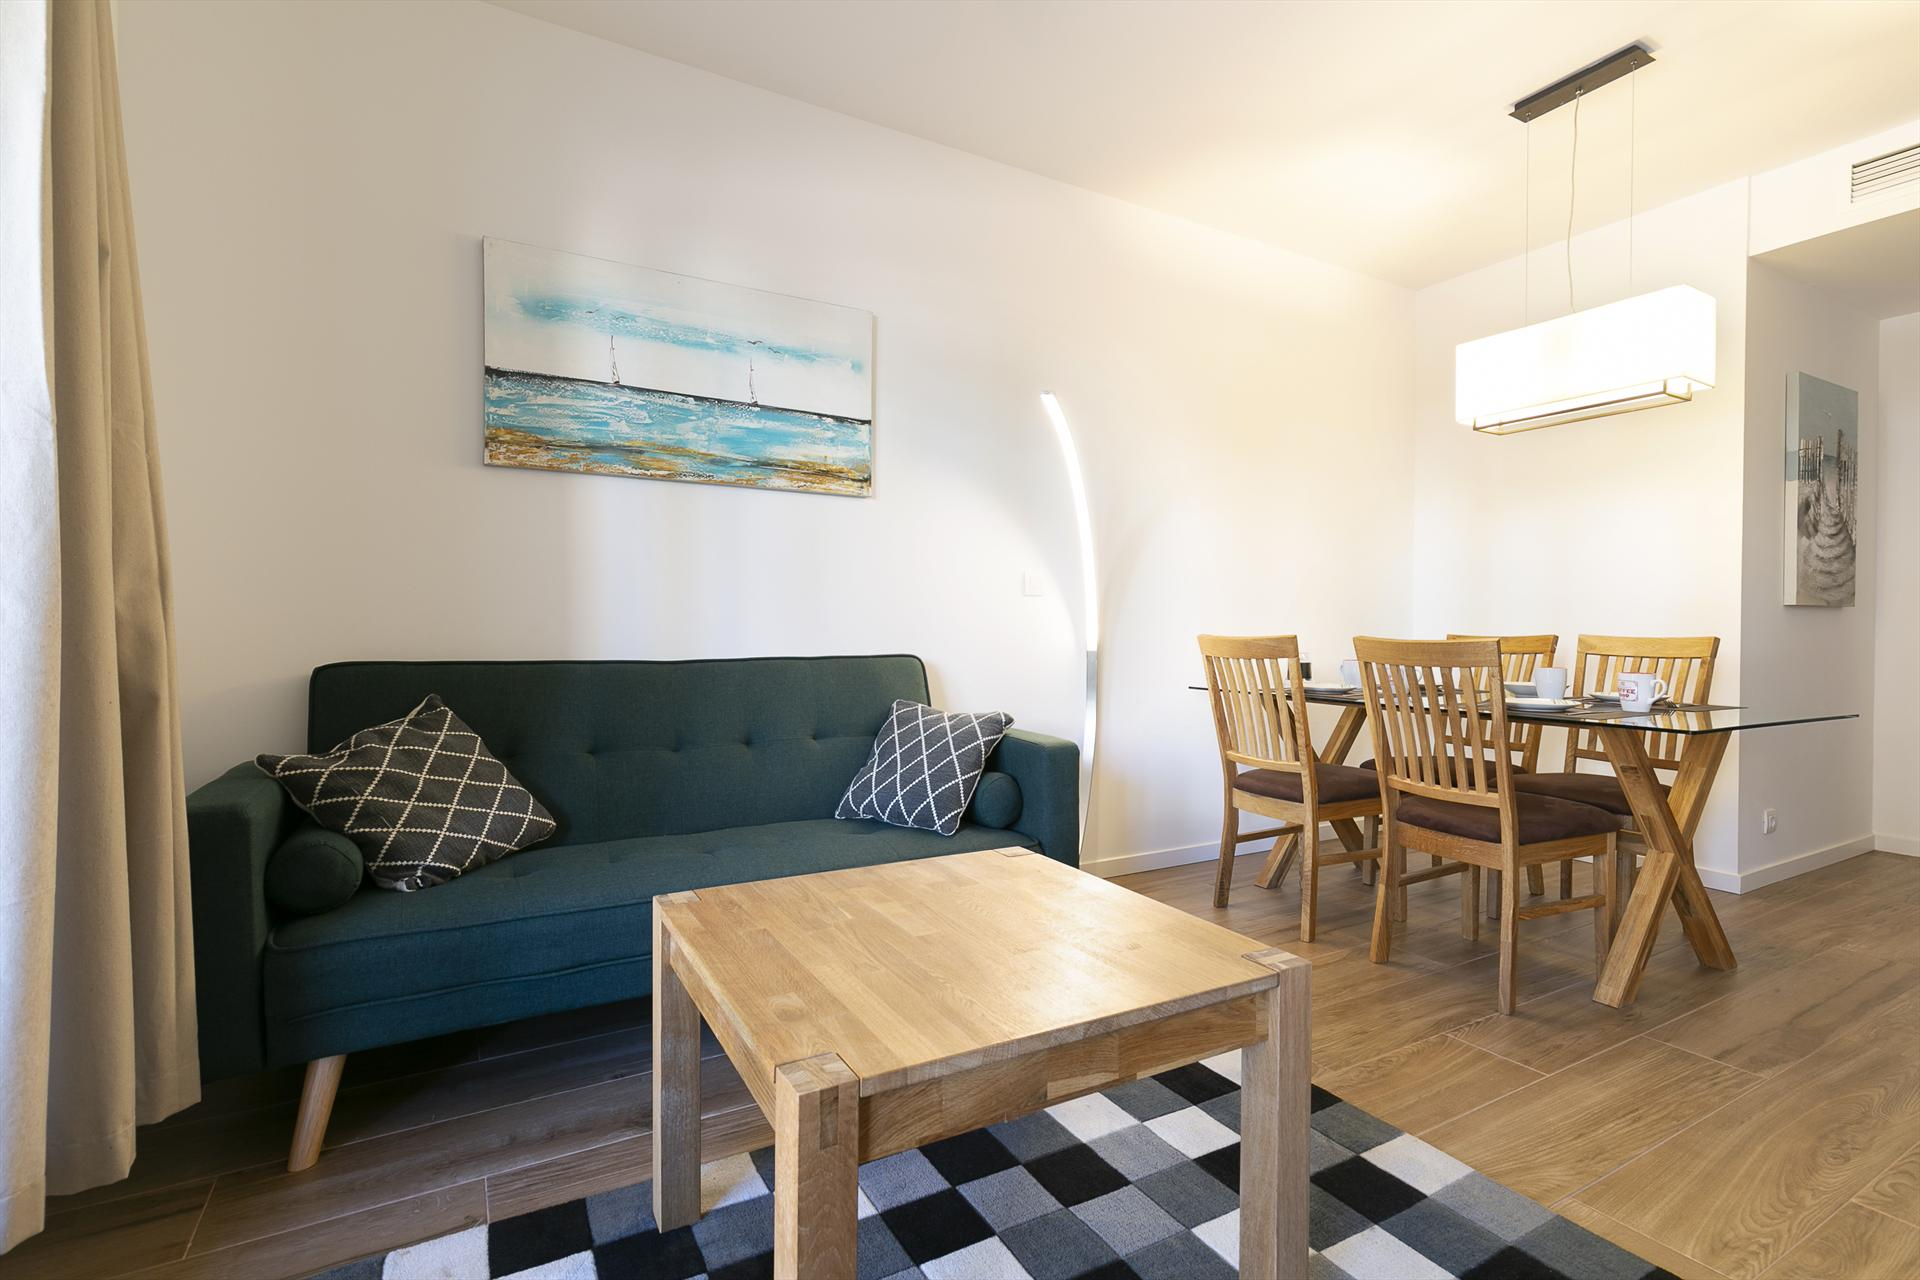 Vacaciones Jávea – Quality Rent A Villa